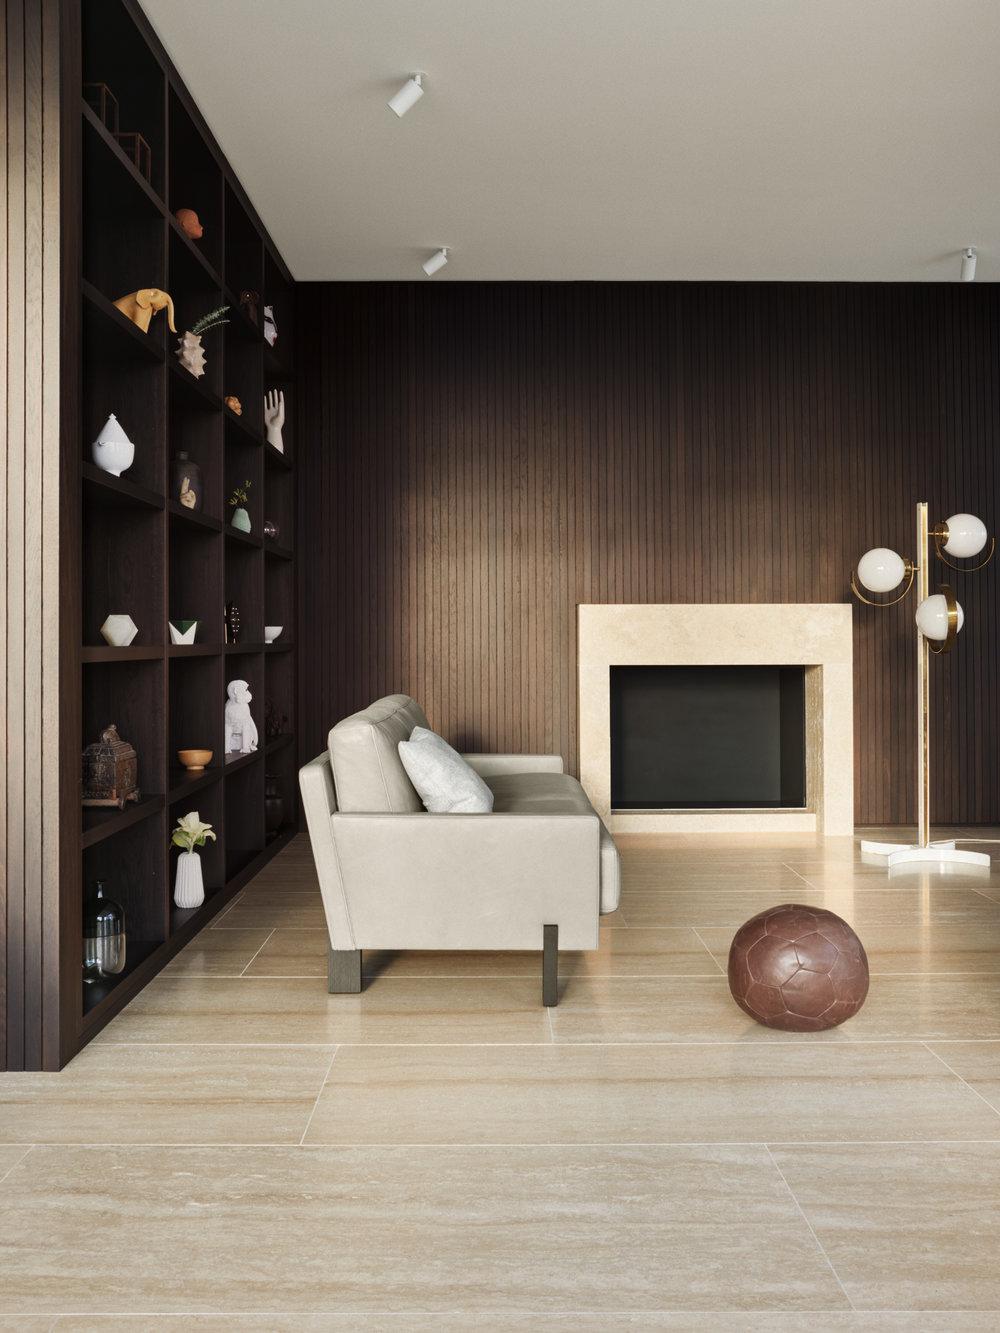 de Sede DS-77Souveräne Gelassenheit - Designer Stephan Hürlemann hat mit dem Modell DS-77 eine altvertraute Sofa-Typologie in die Gegenwart geholt. DS-77 ist eine komplette Familie, die als einladender Sessel, klassisches Sofa oder als Loungesofa in Erscheinung tritt, wahlweise mit kurzer oder ausladender Sitztiefe. Die nachvollziehbare Architektur und die modernen Proportionen prägen beim DS-77 den Ausdruck souveräner Gelassenheit.